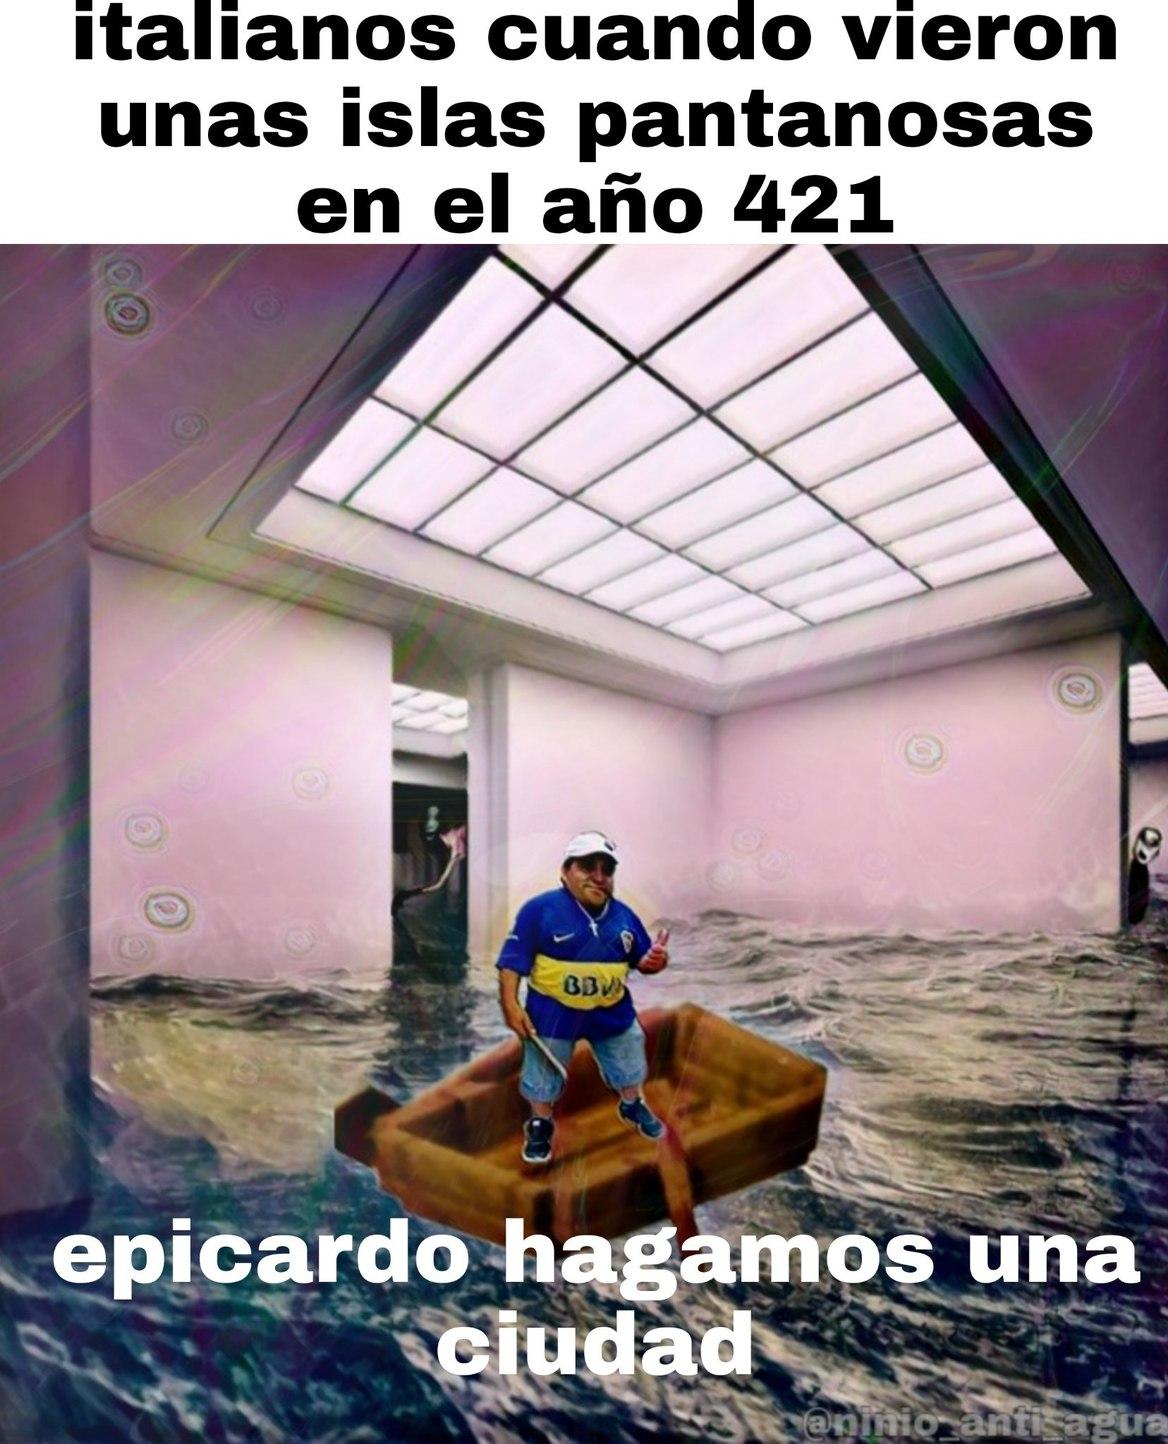 venecia - meme